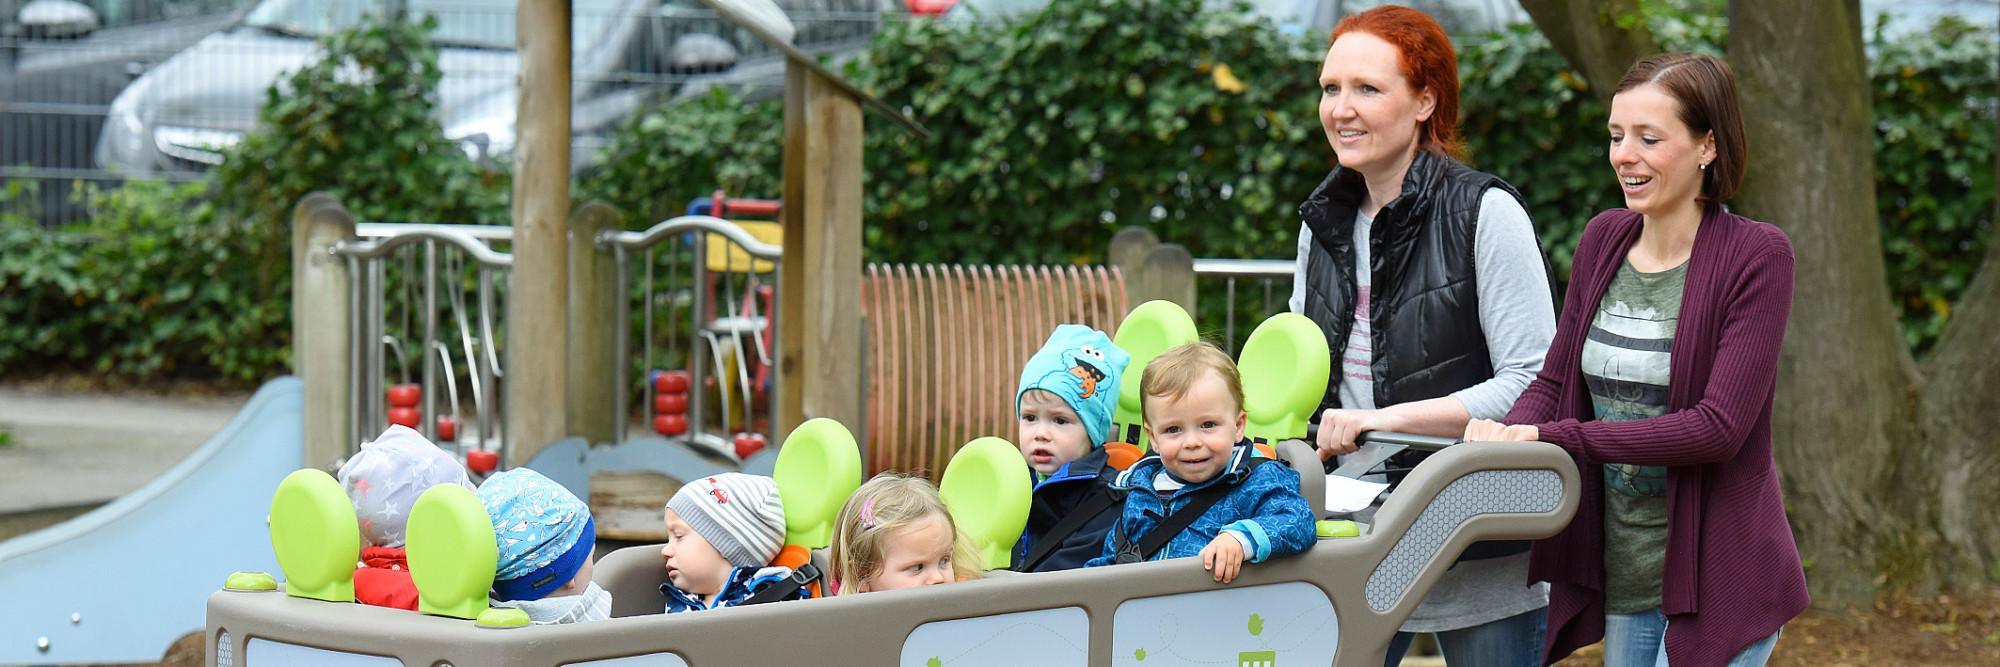 Zwei Mütter schieben fünf Kinder in einem großen Kinderwagen.